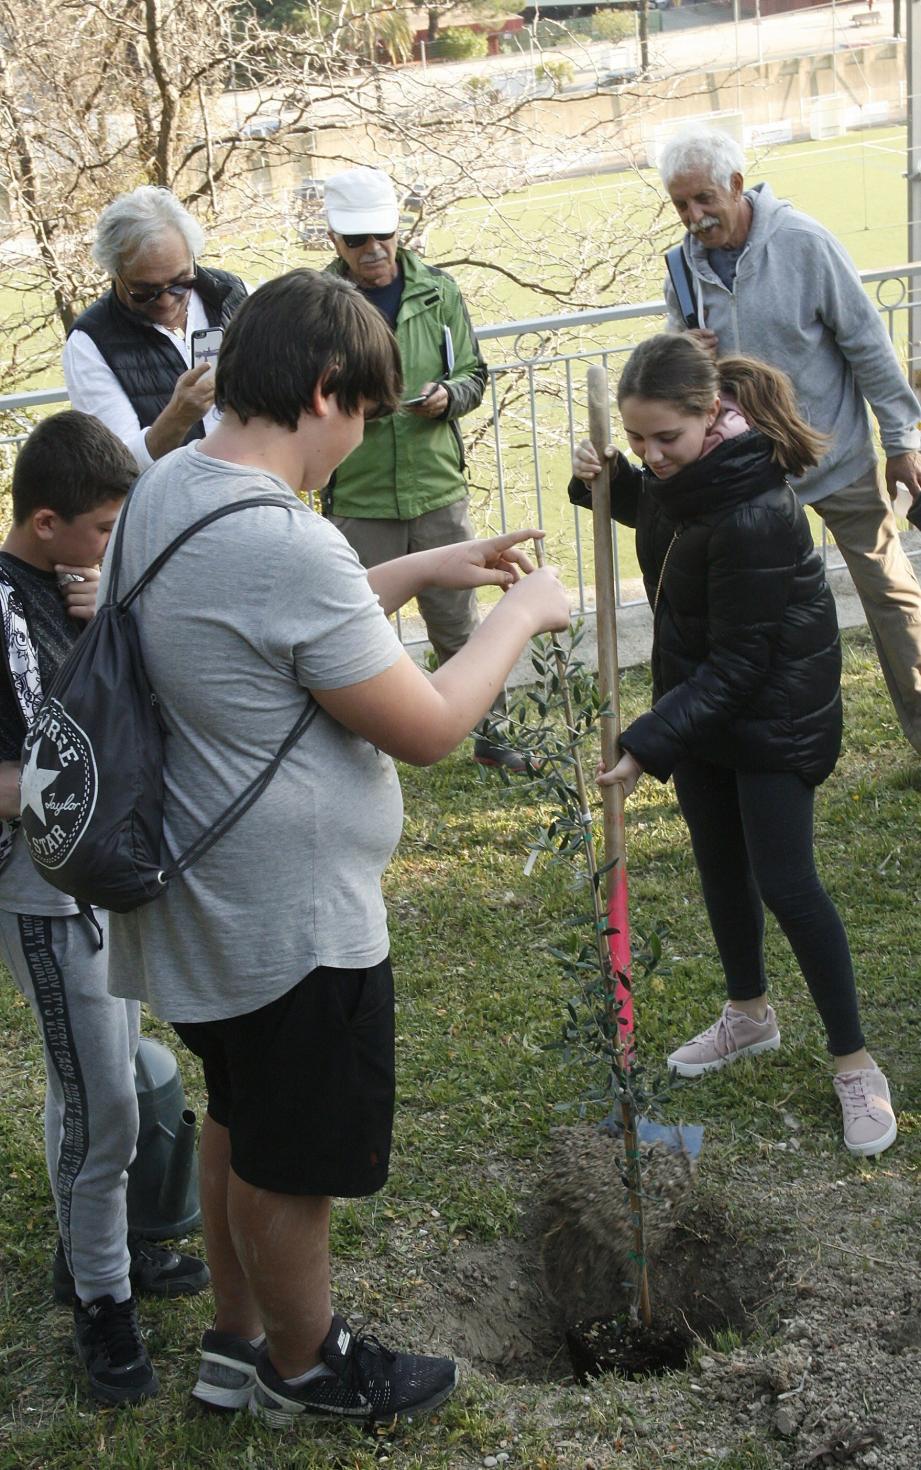 Lycéens italiens et français ont planté deux oliviers, symboles de paix en mémoire de ce jeune homme de confession juive enlevé, torturé et tué en 2006.